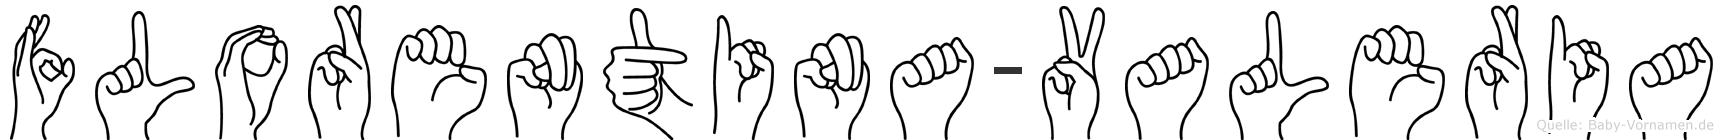 Florentina-Valeria im Fingeralphabet der Deutschen Gebärdensprache